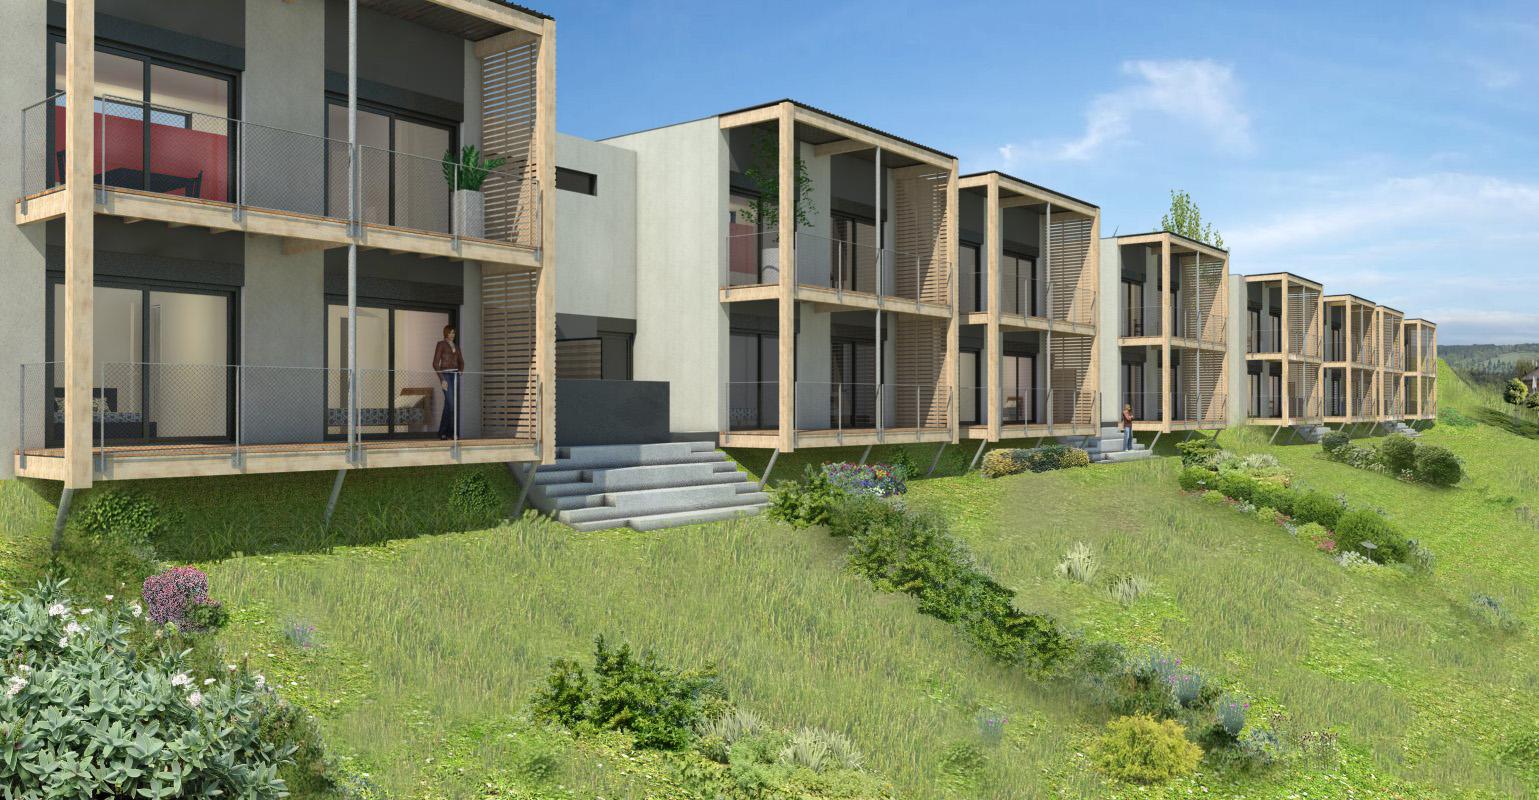 lautrefabrique architectes 8 maisons en bande. Black Bedroom Furniture Sets. Home Design Ideas